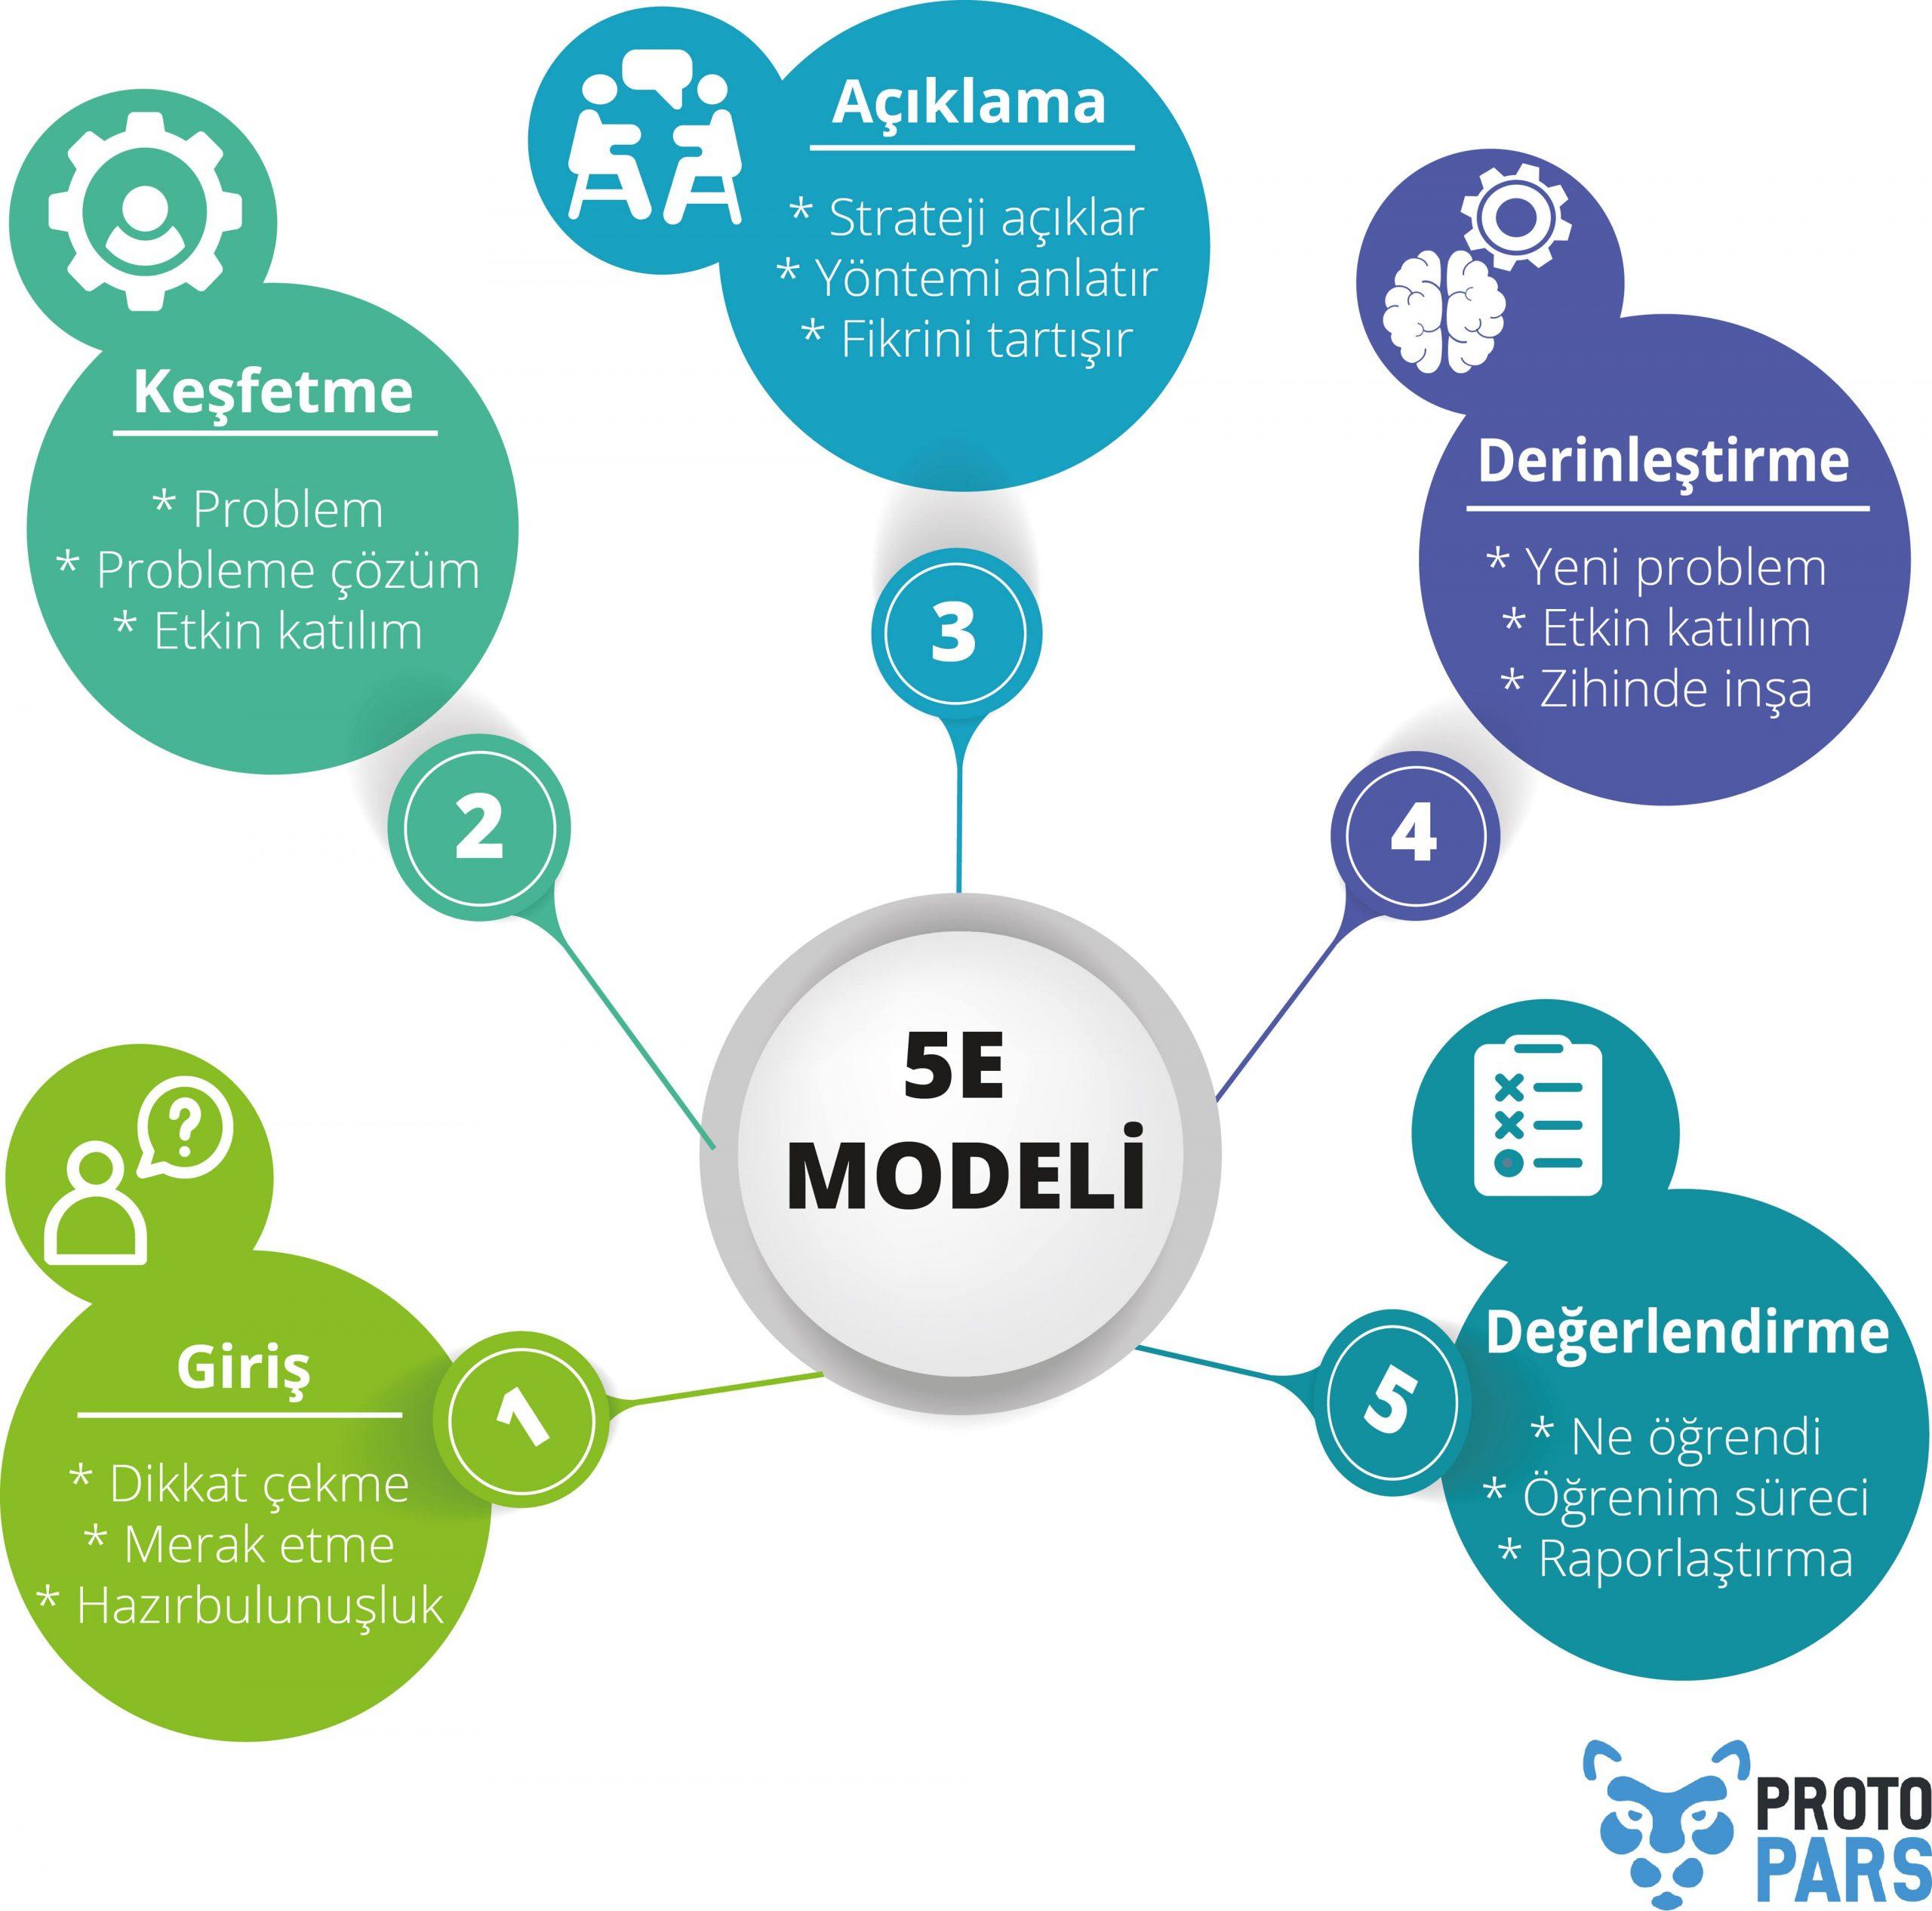 5E Modeli Nedir? Hangi Aşamalardan Oluşmaktadır?